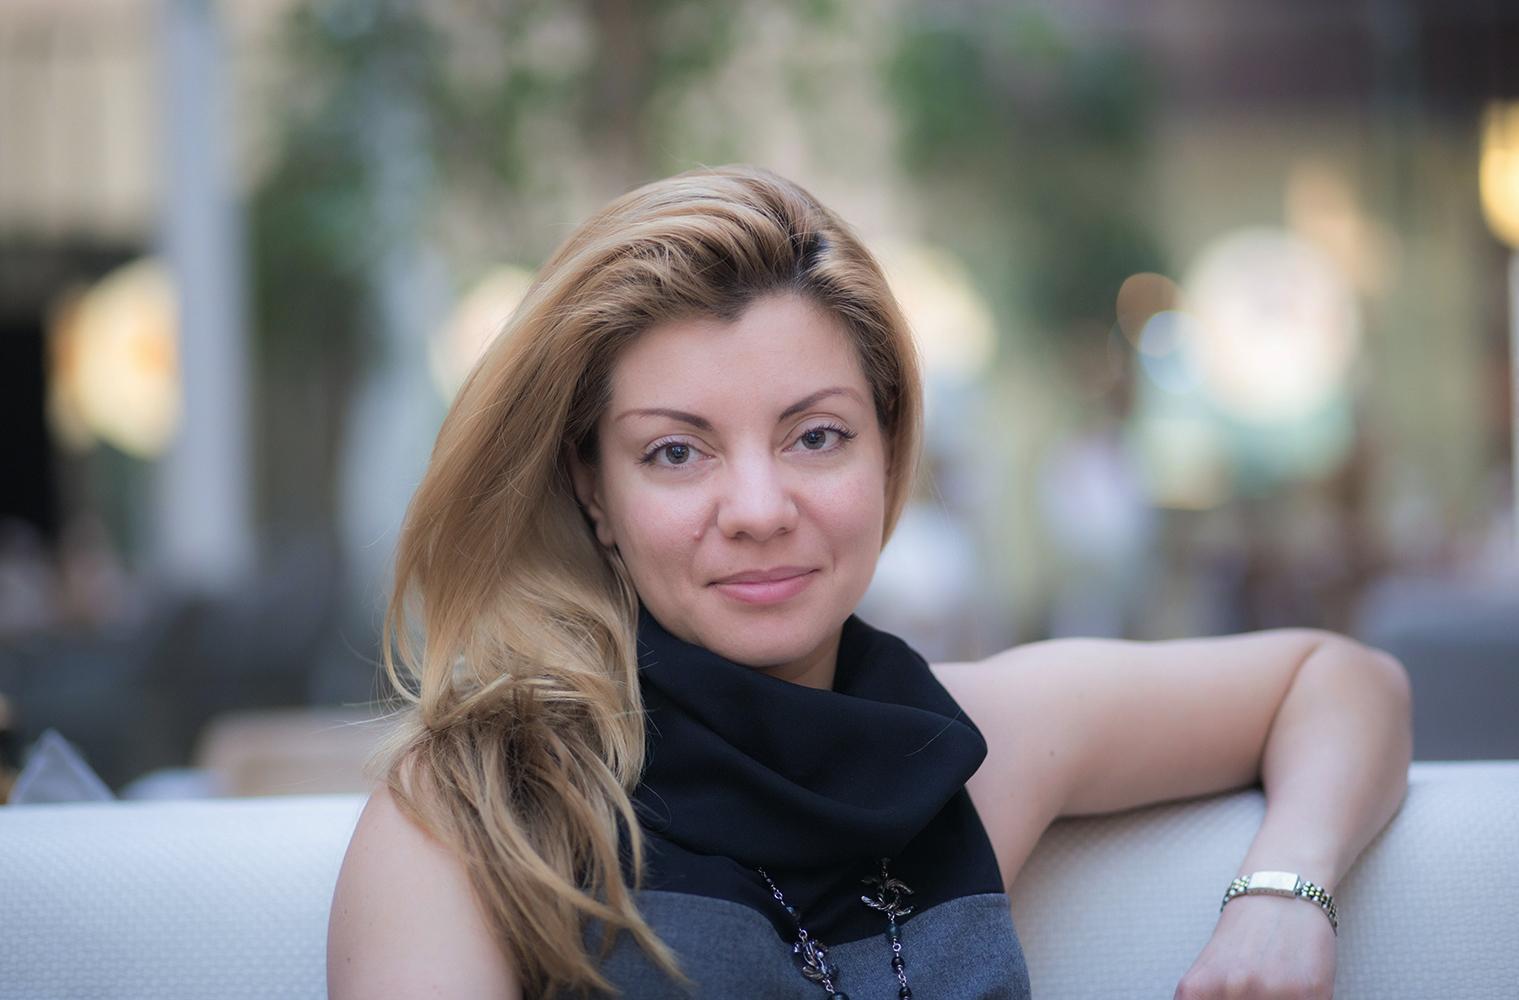 Анастасия Люстина: Как создать сервис по бронированию столов в ресторанах?